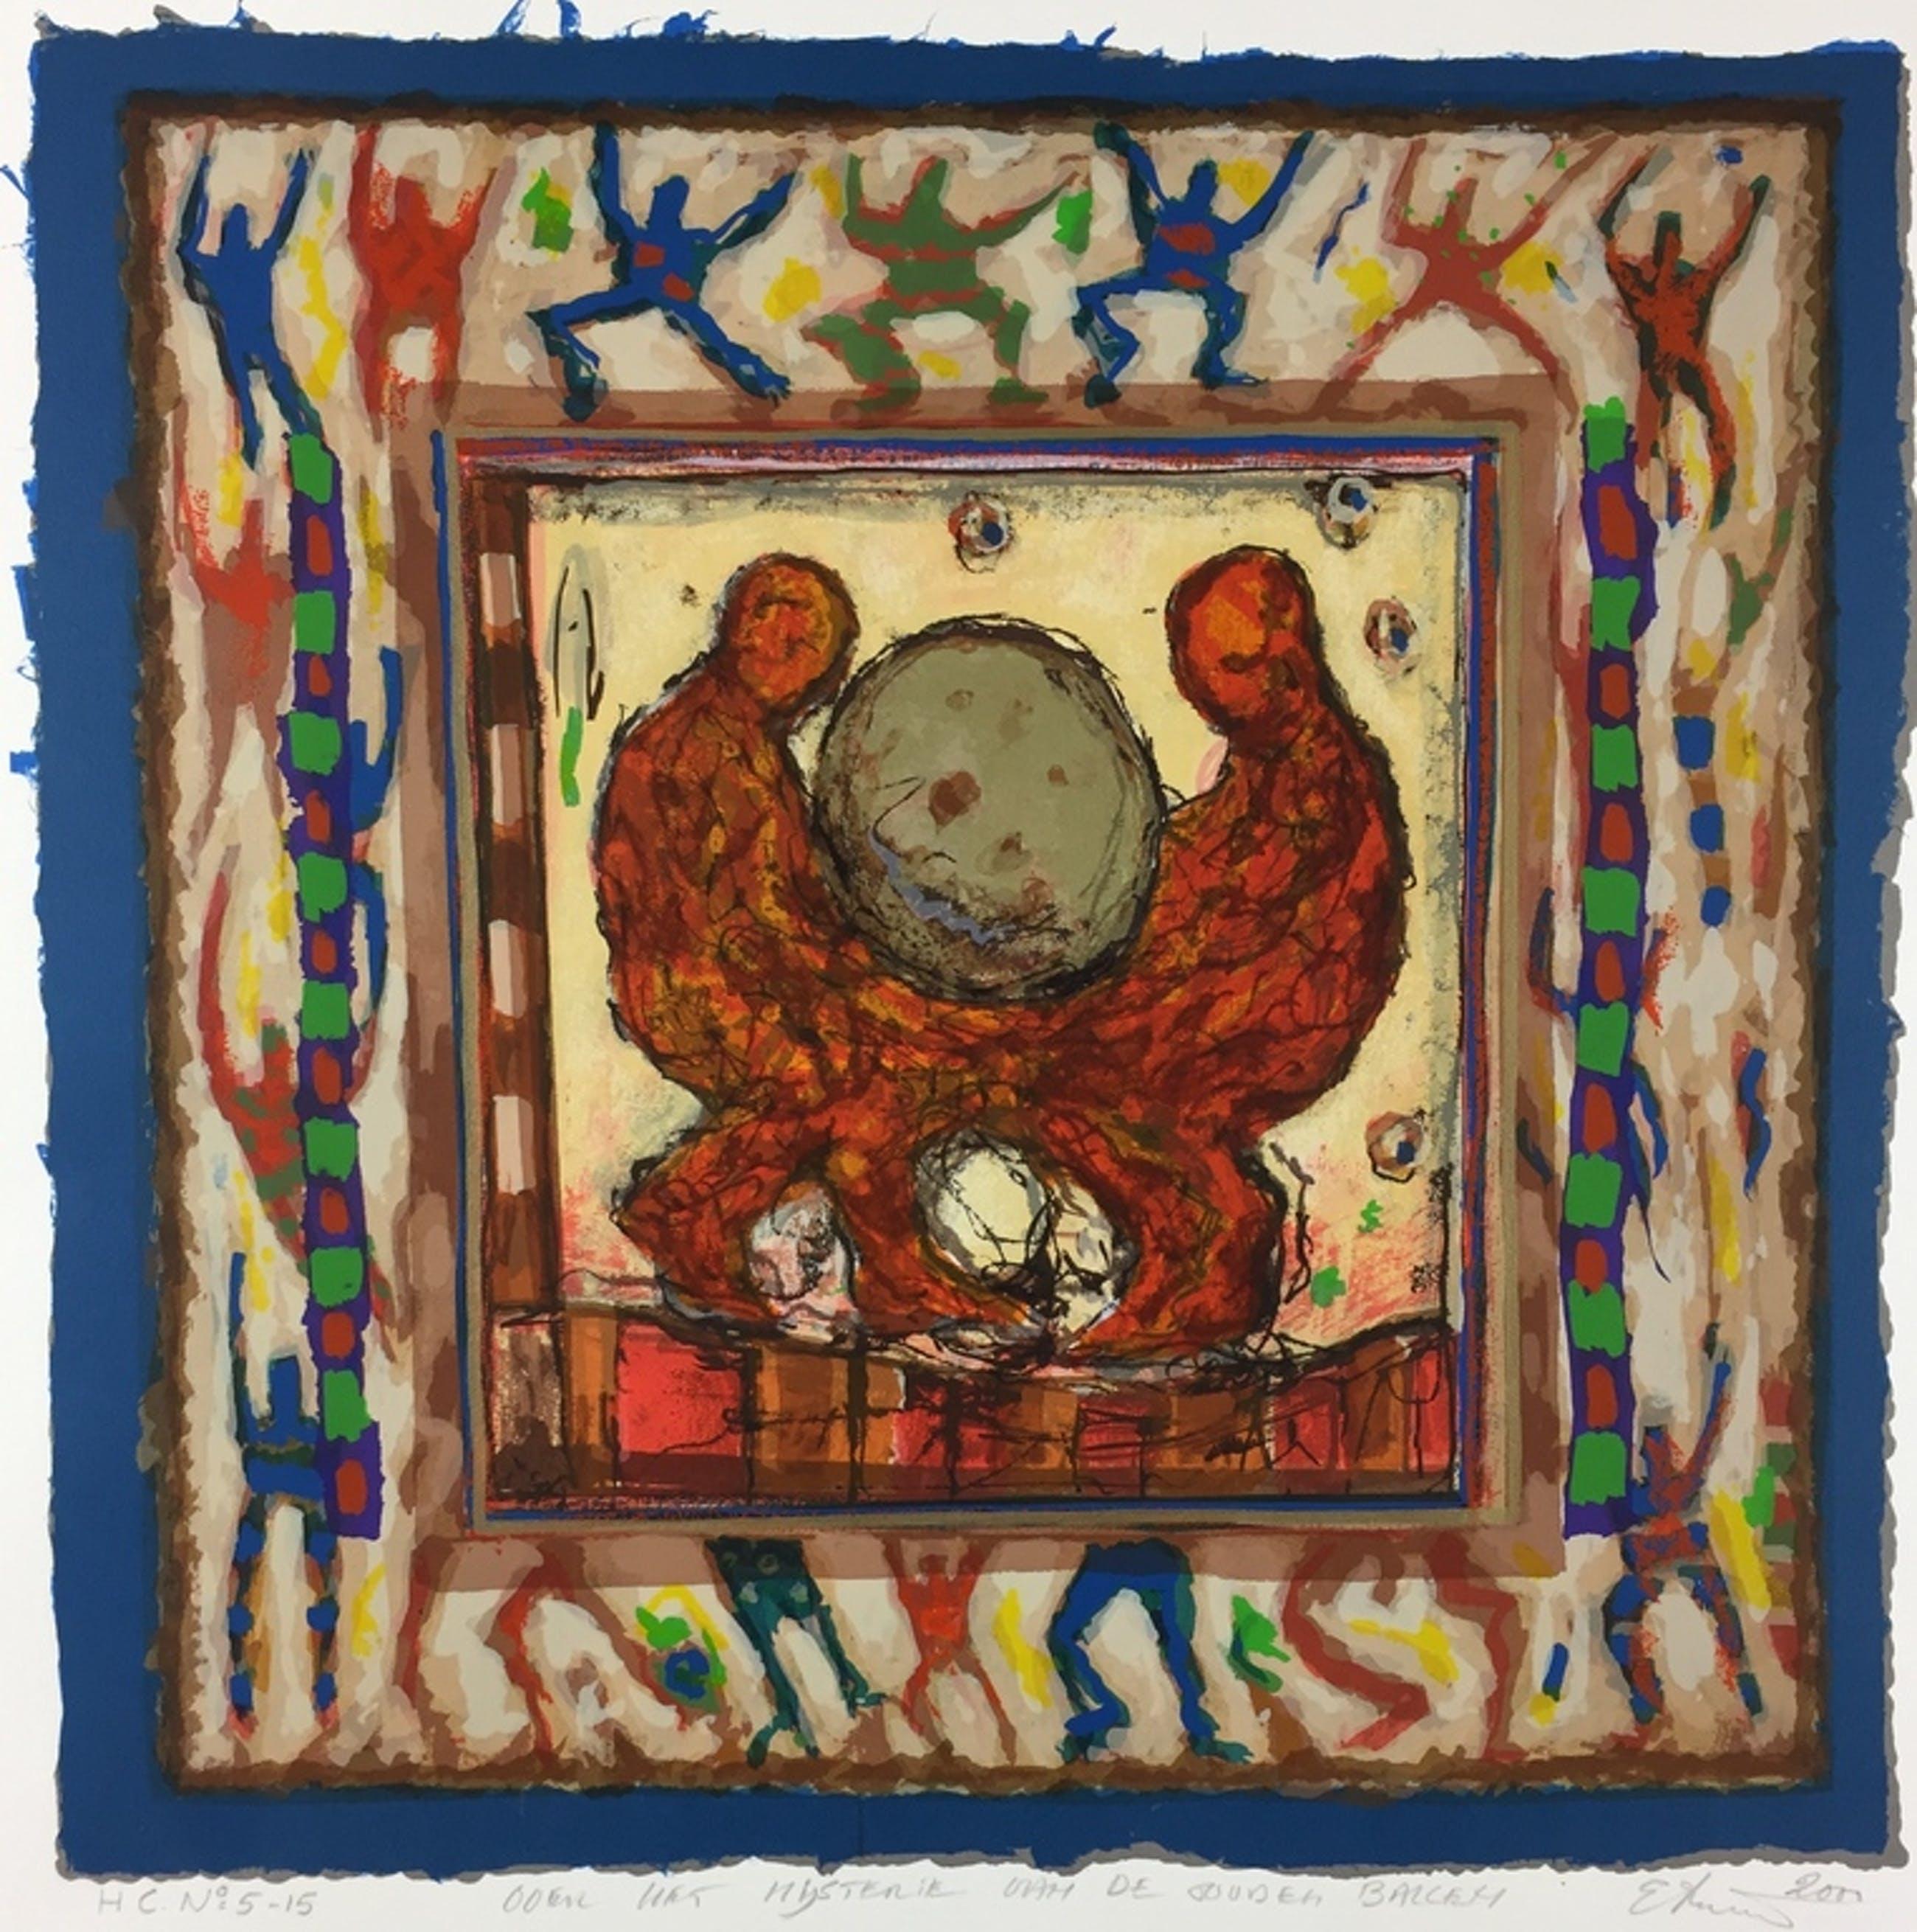 Eric Toebosch, zeefdruk, 2000, 'Over het mysterie van de gouden ballen' kopen? Bied vanaf 69!